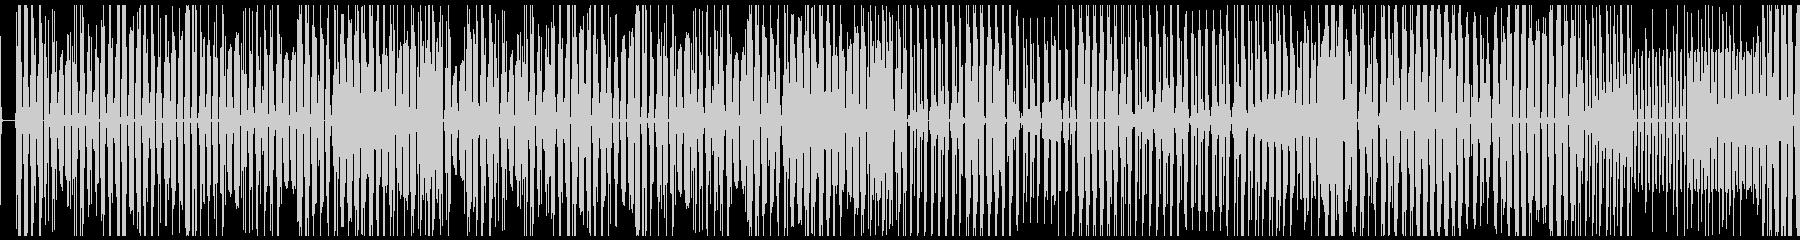 【サイバーパンクなエレクトロニカ】の未再生の波形